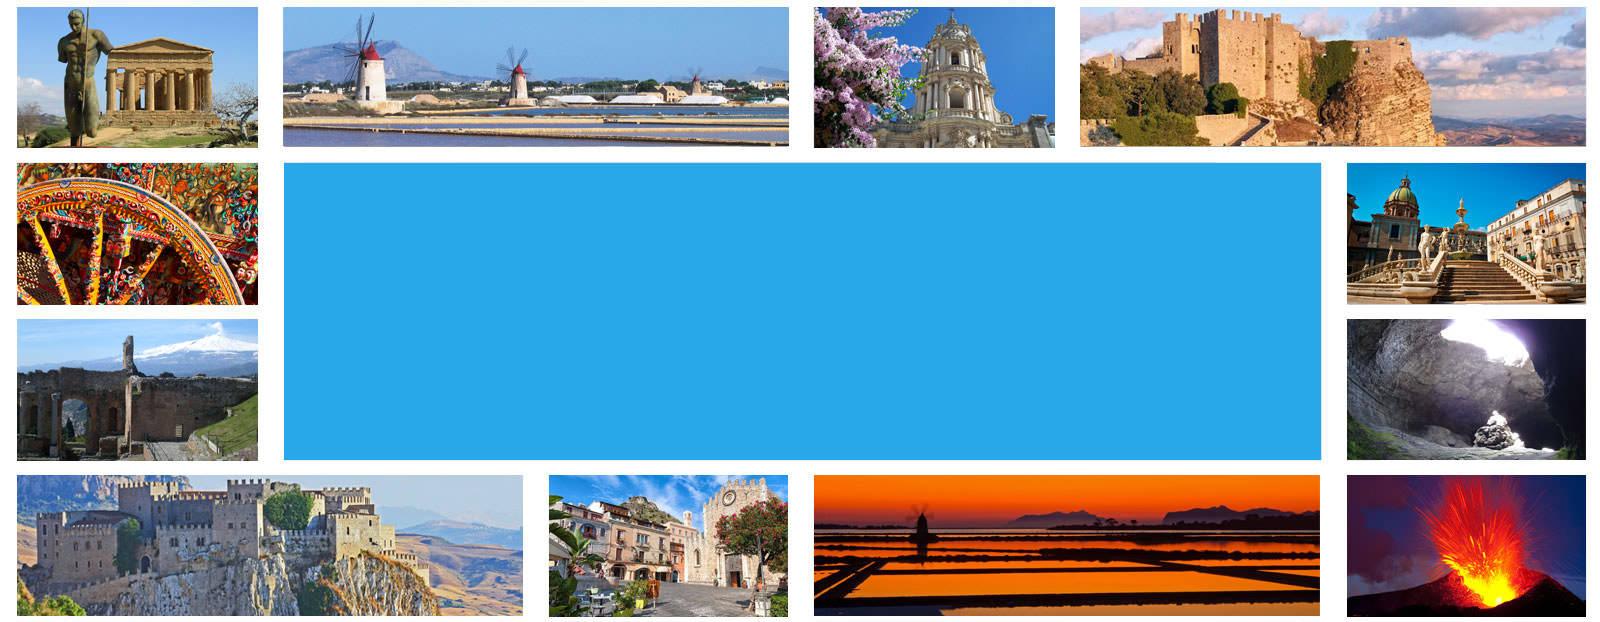 Cartina Della Sicilia Turistica.Itinerari E Tour Della Sicilia